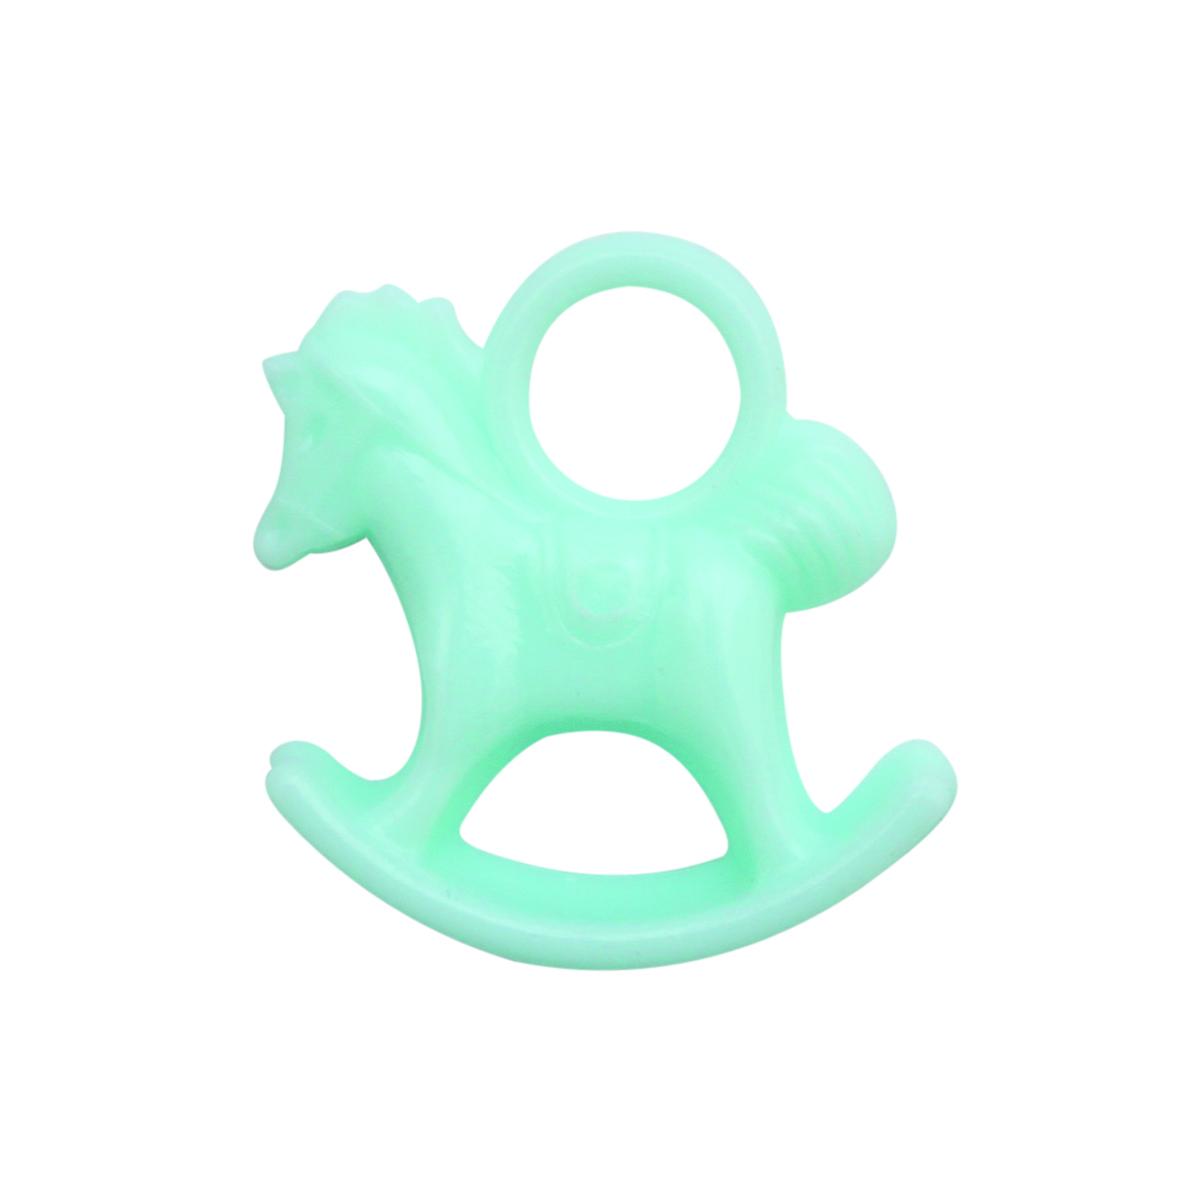 Декоративный элемент Lan Jing Ling Лошадка, цвет: голубой, 6 шт7713771Набор Lan Jing Ling Лошадка состоит из 6 декоративных элементов,изготовленных из высококачественного пластика.Изделия предназначены для декорирования. Они могут пригодиться в оформлении подарков, авторских фотоальбомов, открыток, а также вскрапбукинге. Размер элемента: 3 х 3 см.